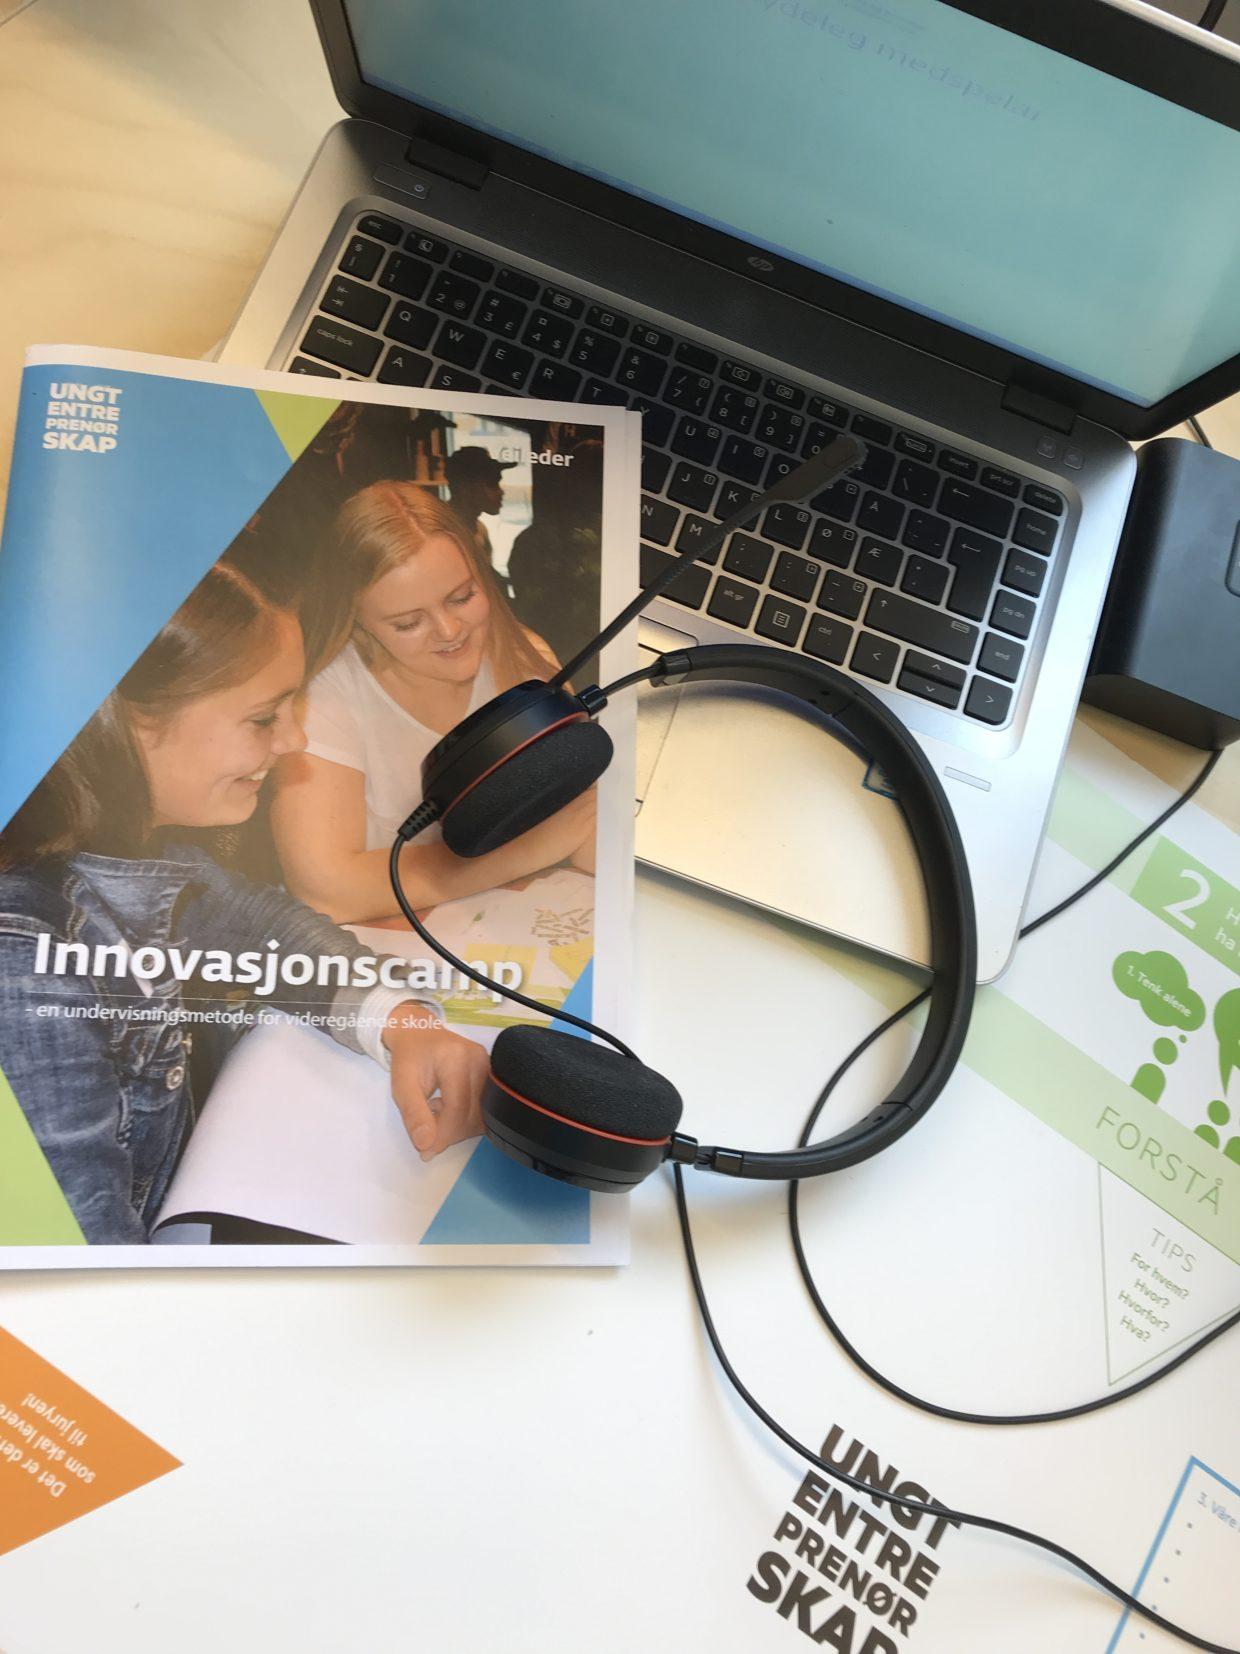 Digital innovasjonscamp